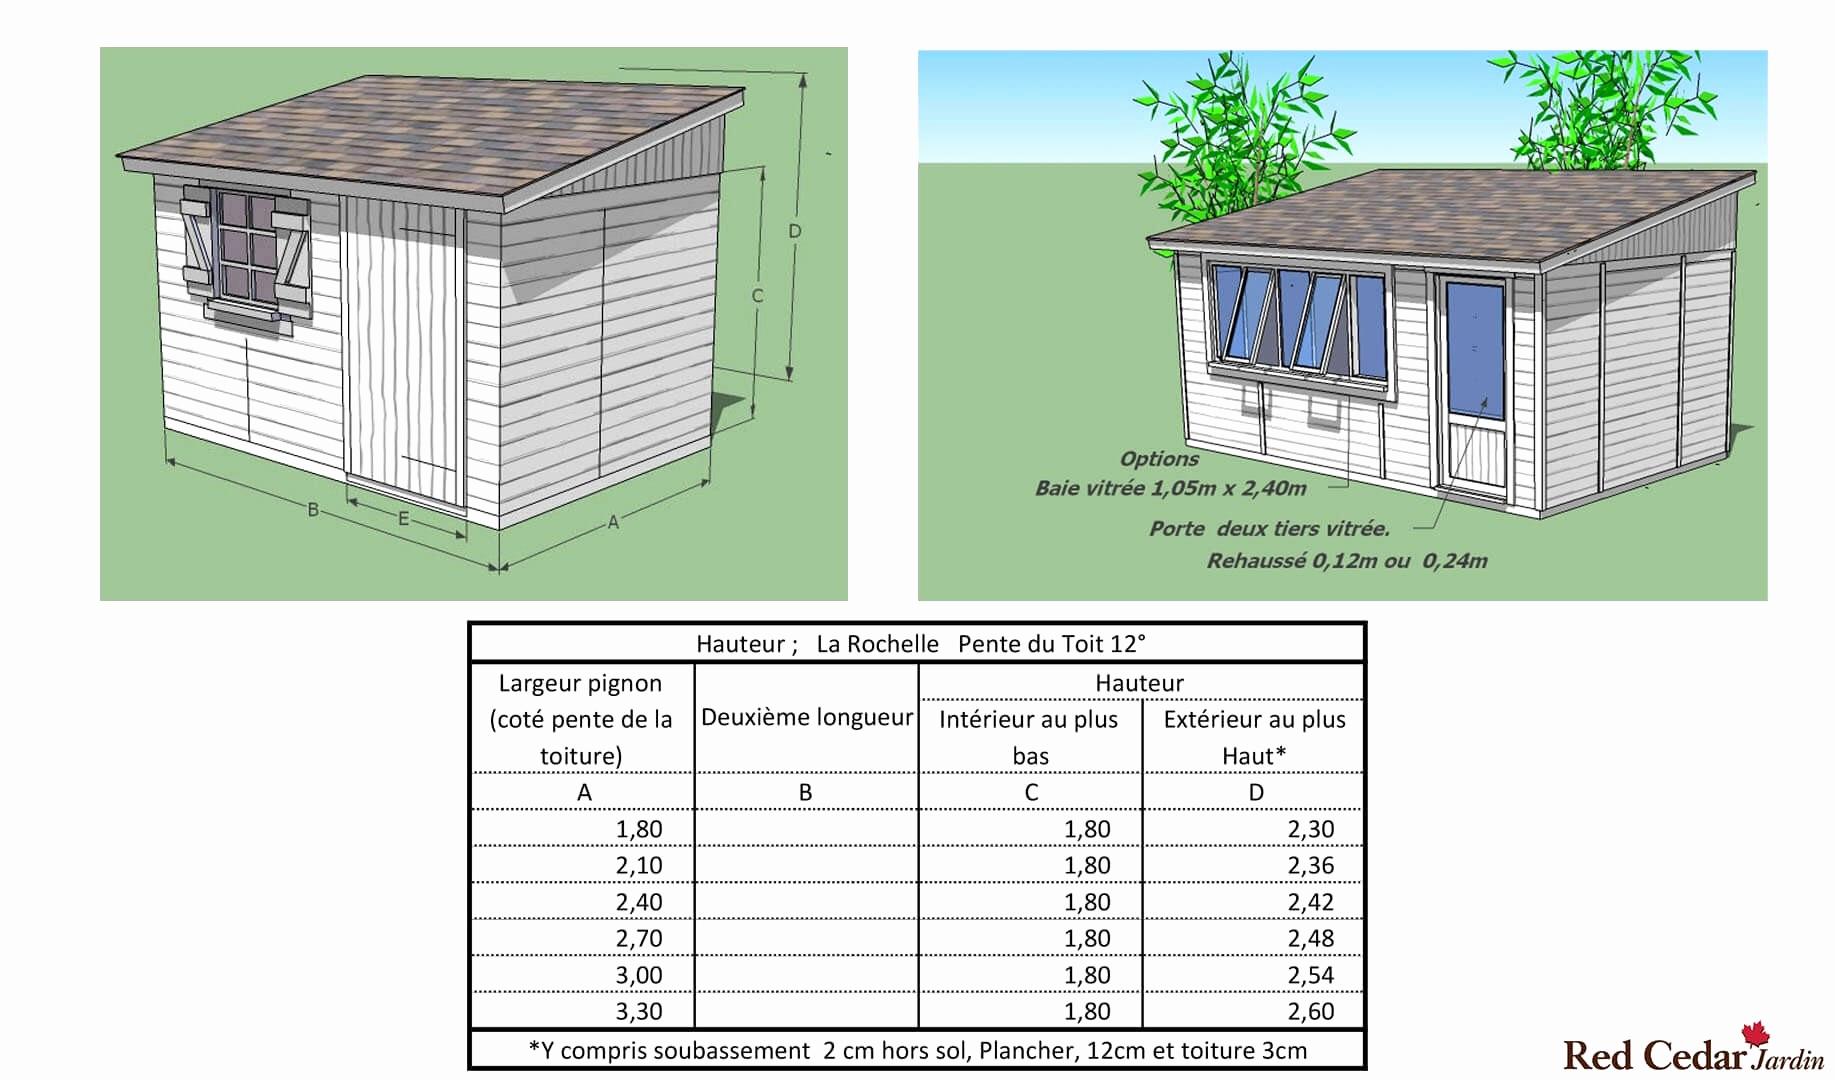 Toiture Abri De Jardin Leroy Merlin Luxe Photos toiture Abri De Jardin Meilleur De 20 Meilleur De toiture Abri De